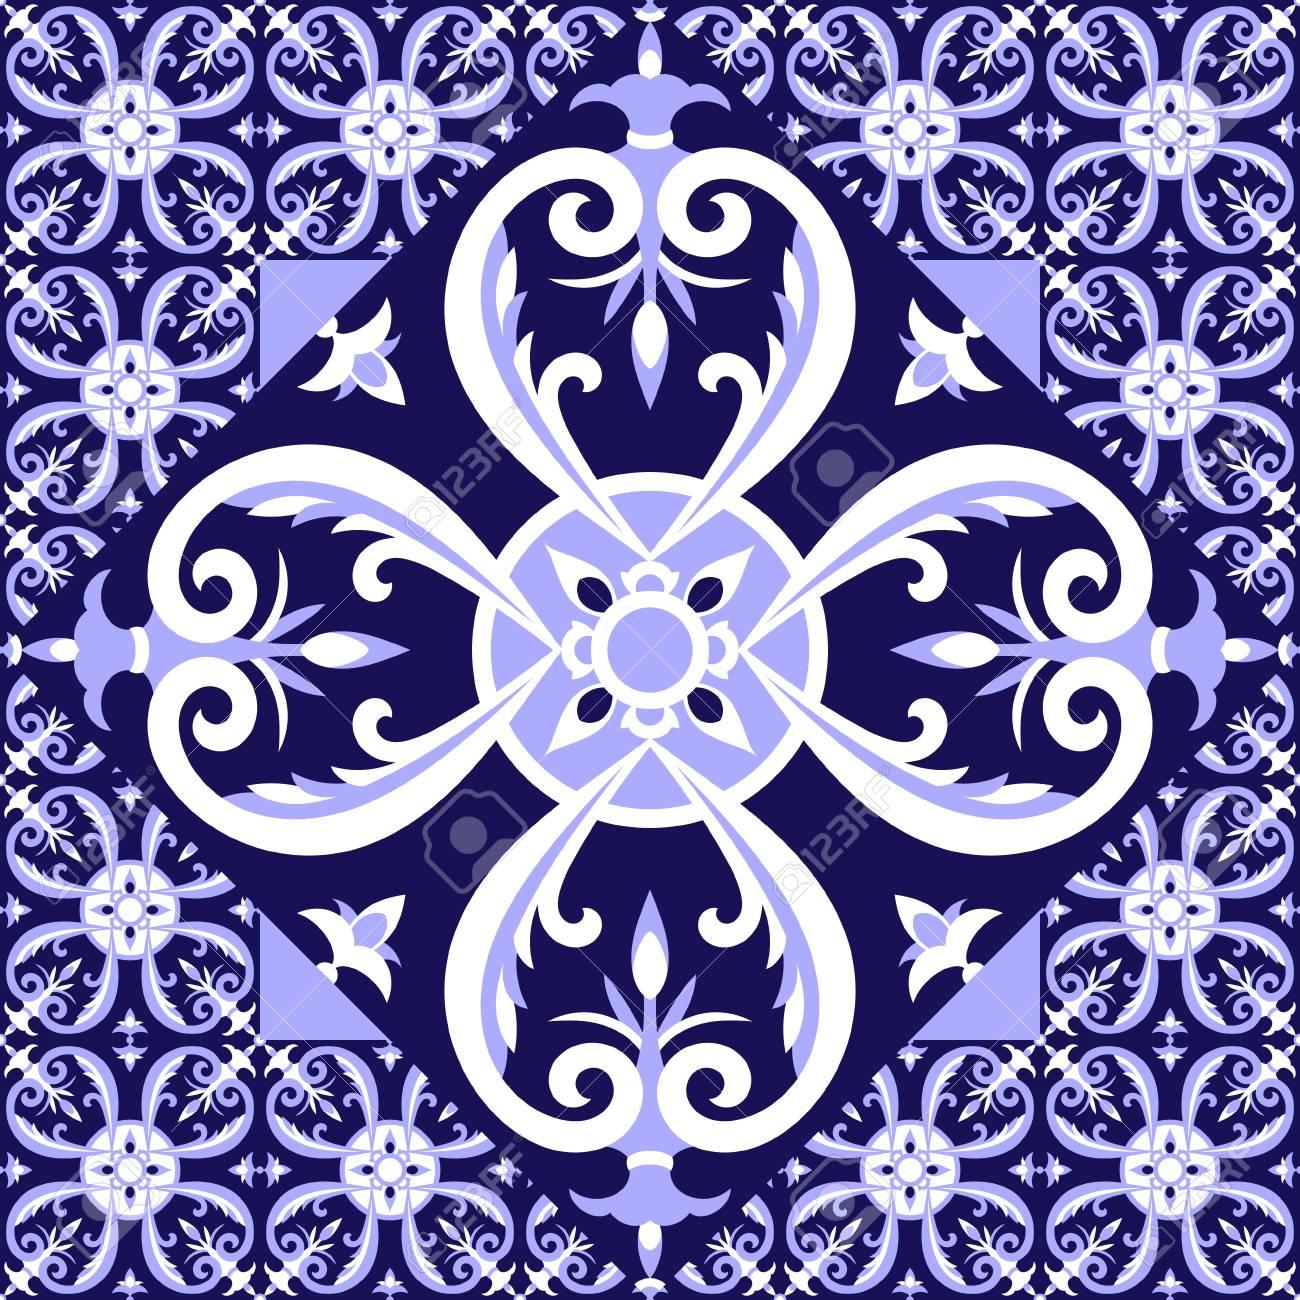 carrelage bleu blanc espagnol modele de plancher avec des carreaux de ceramique grande tuile au centre est encadree en petit fond avec azulejo